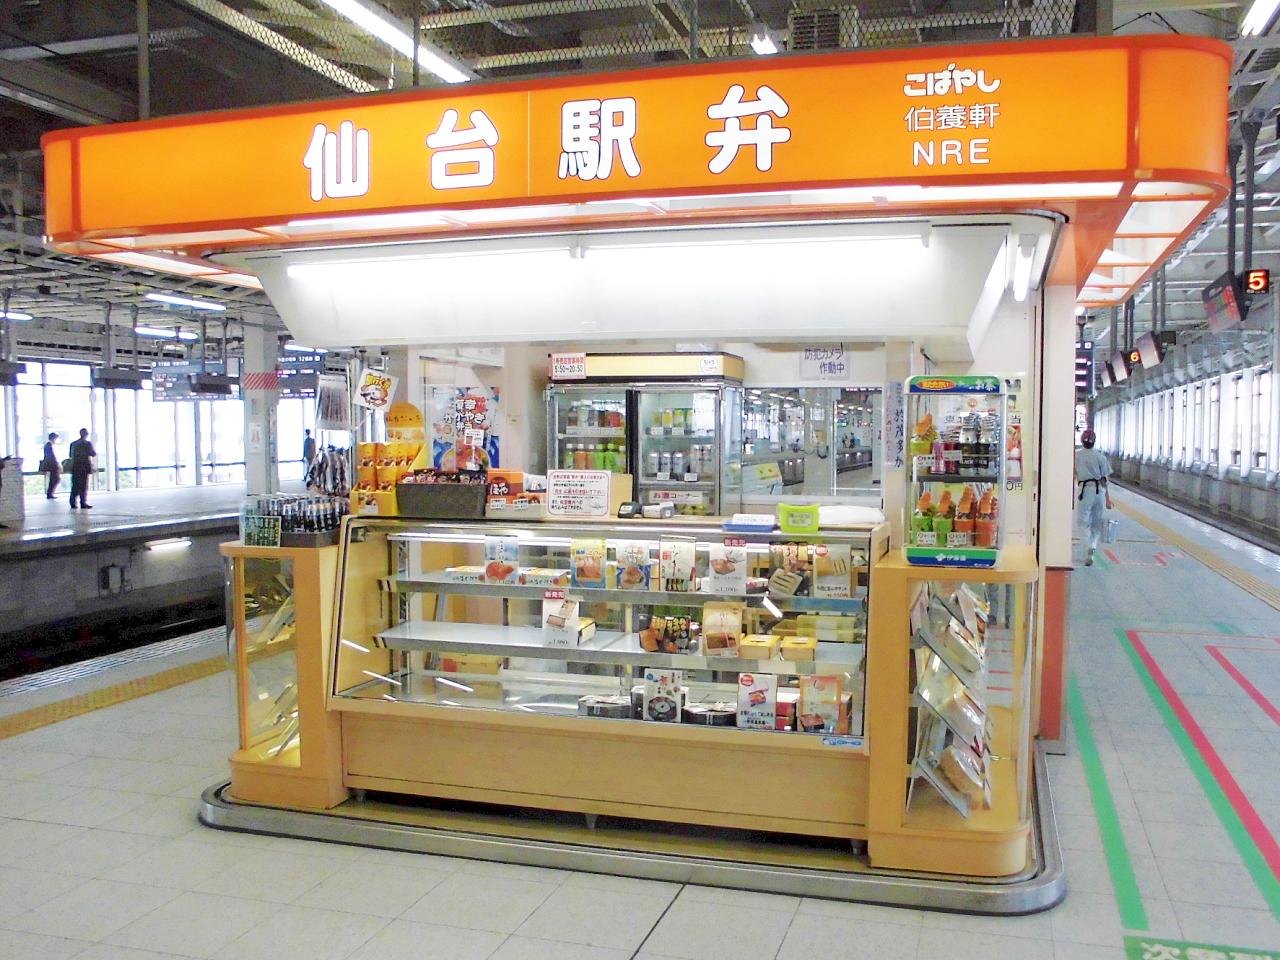 美味しいものが多い杜の都仙台の駅弁事情を徹底的に調査しました!のサムネイル画像